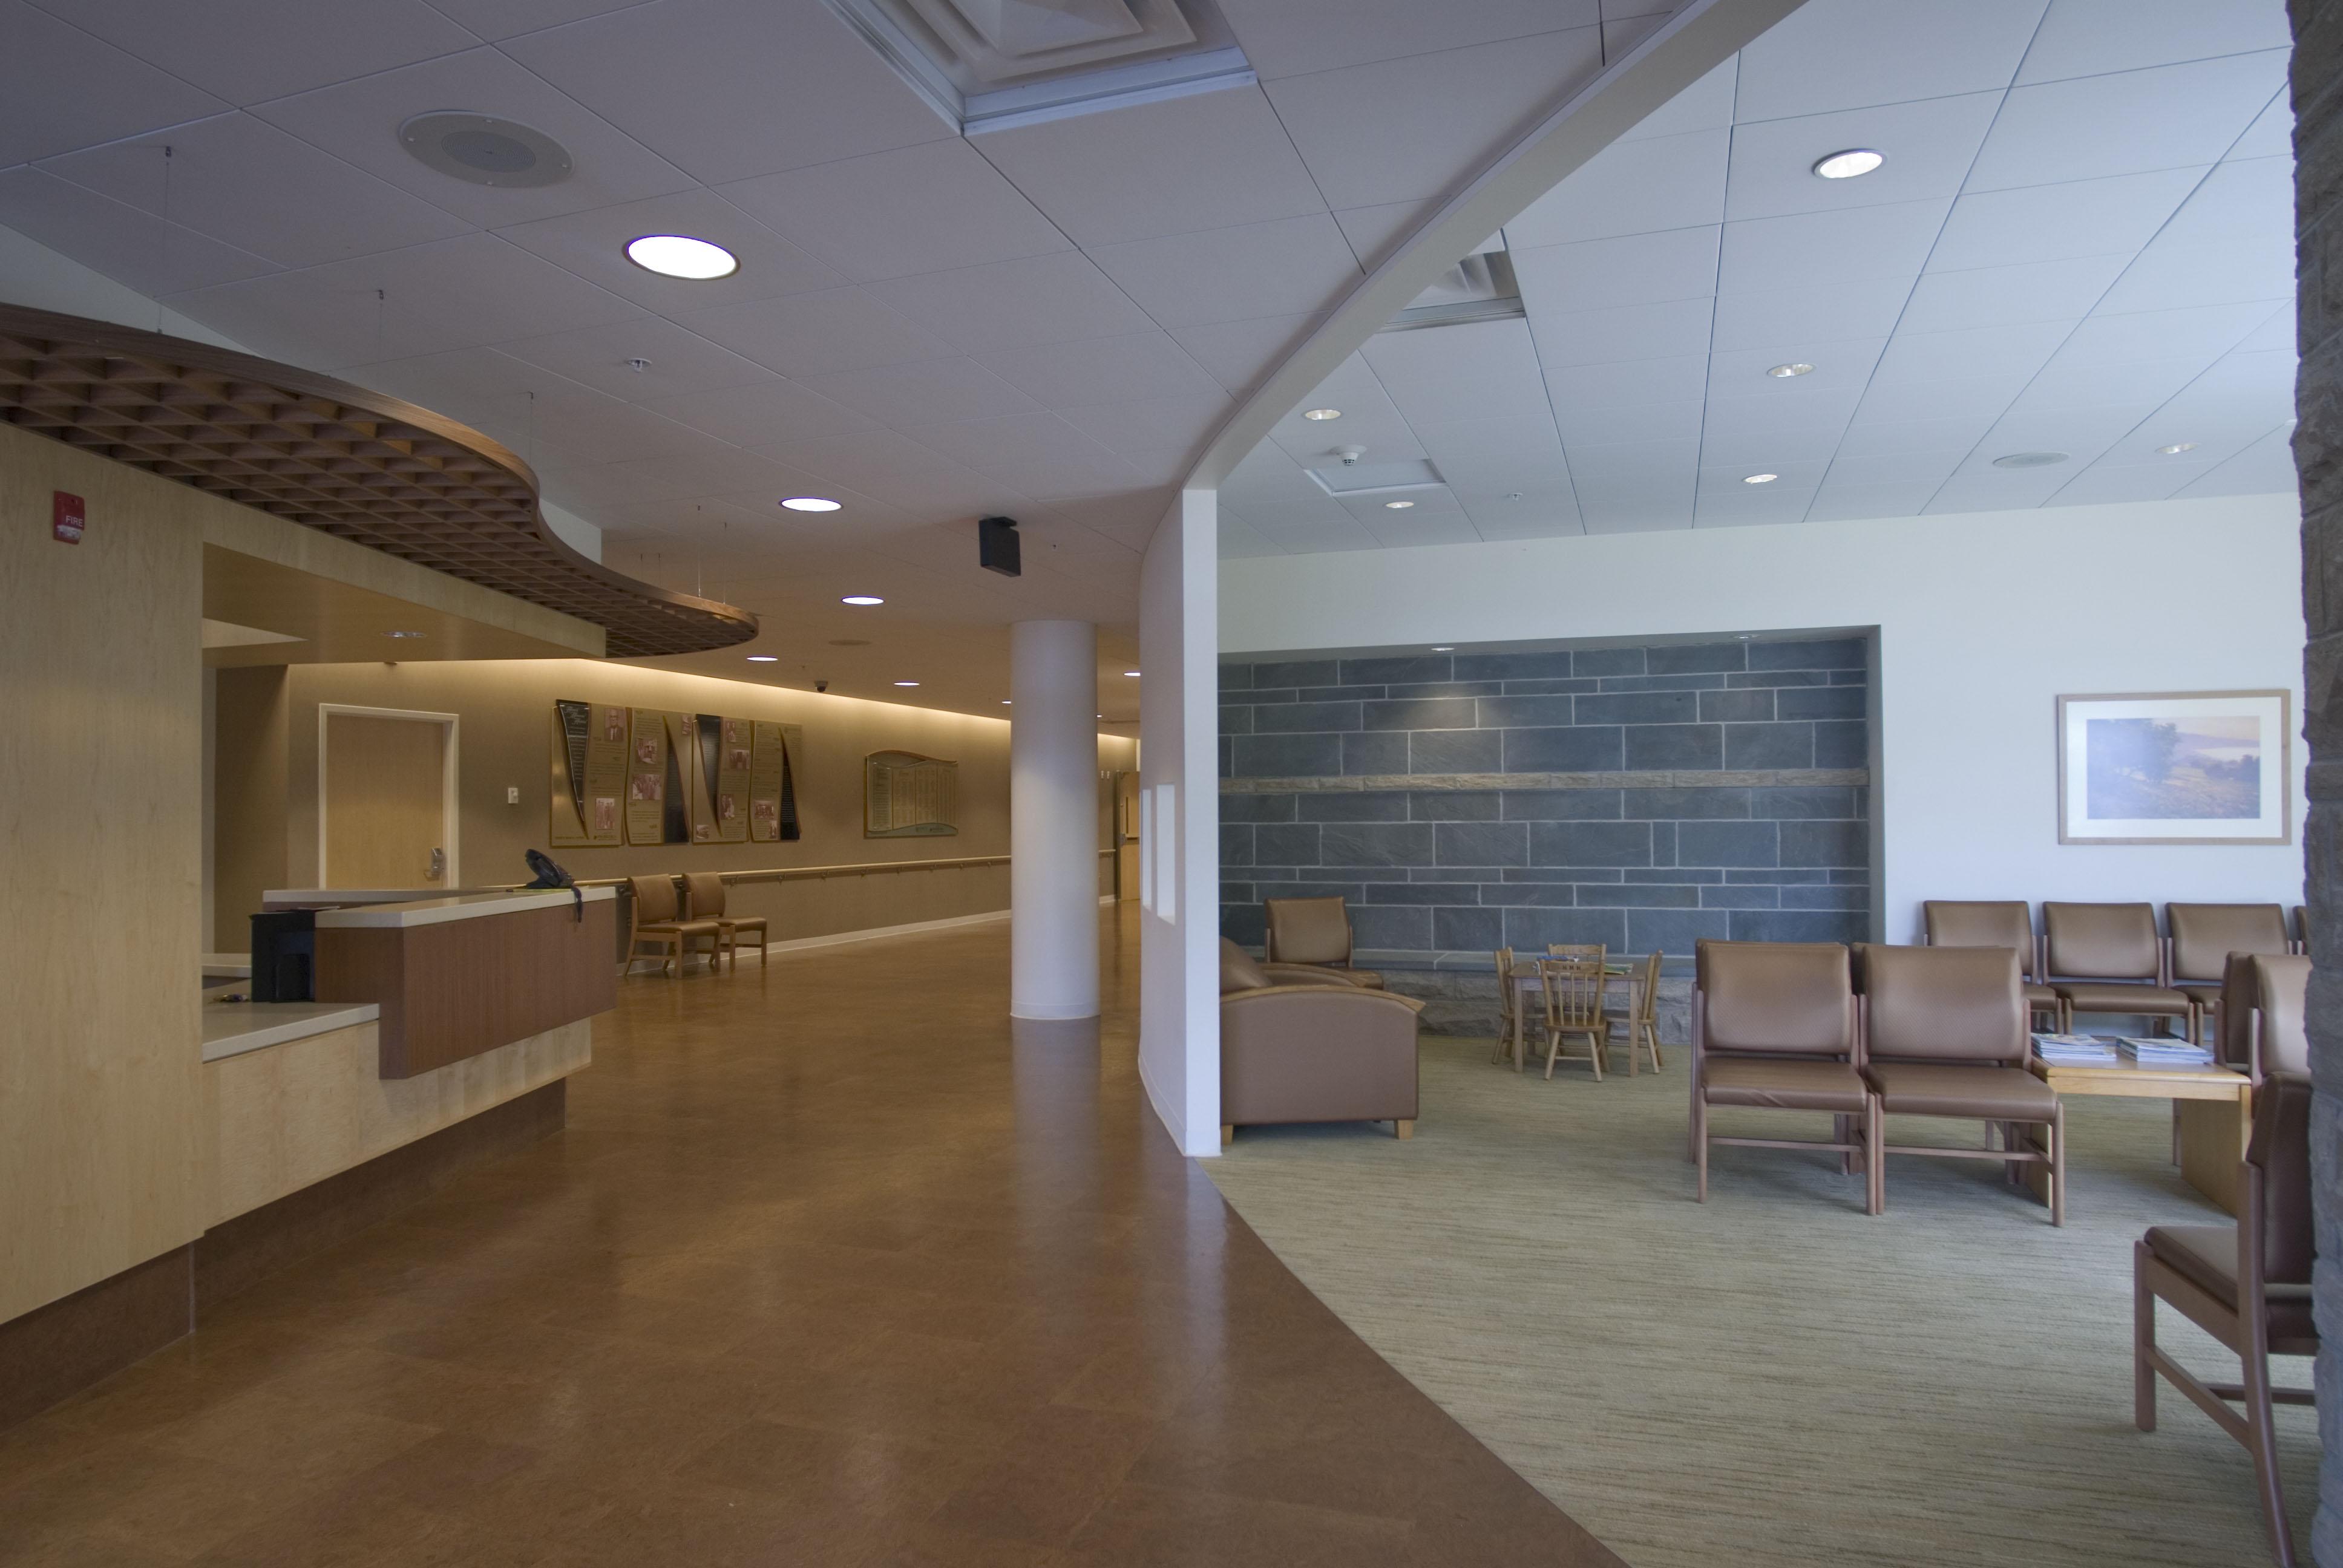 HERRICK MEDICAL CENTER